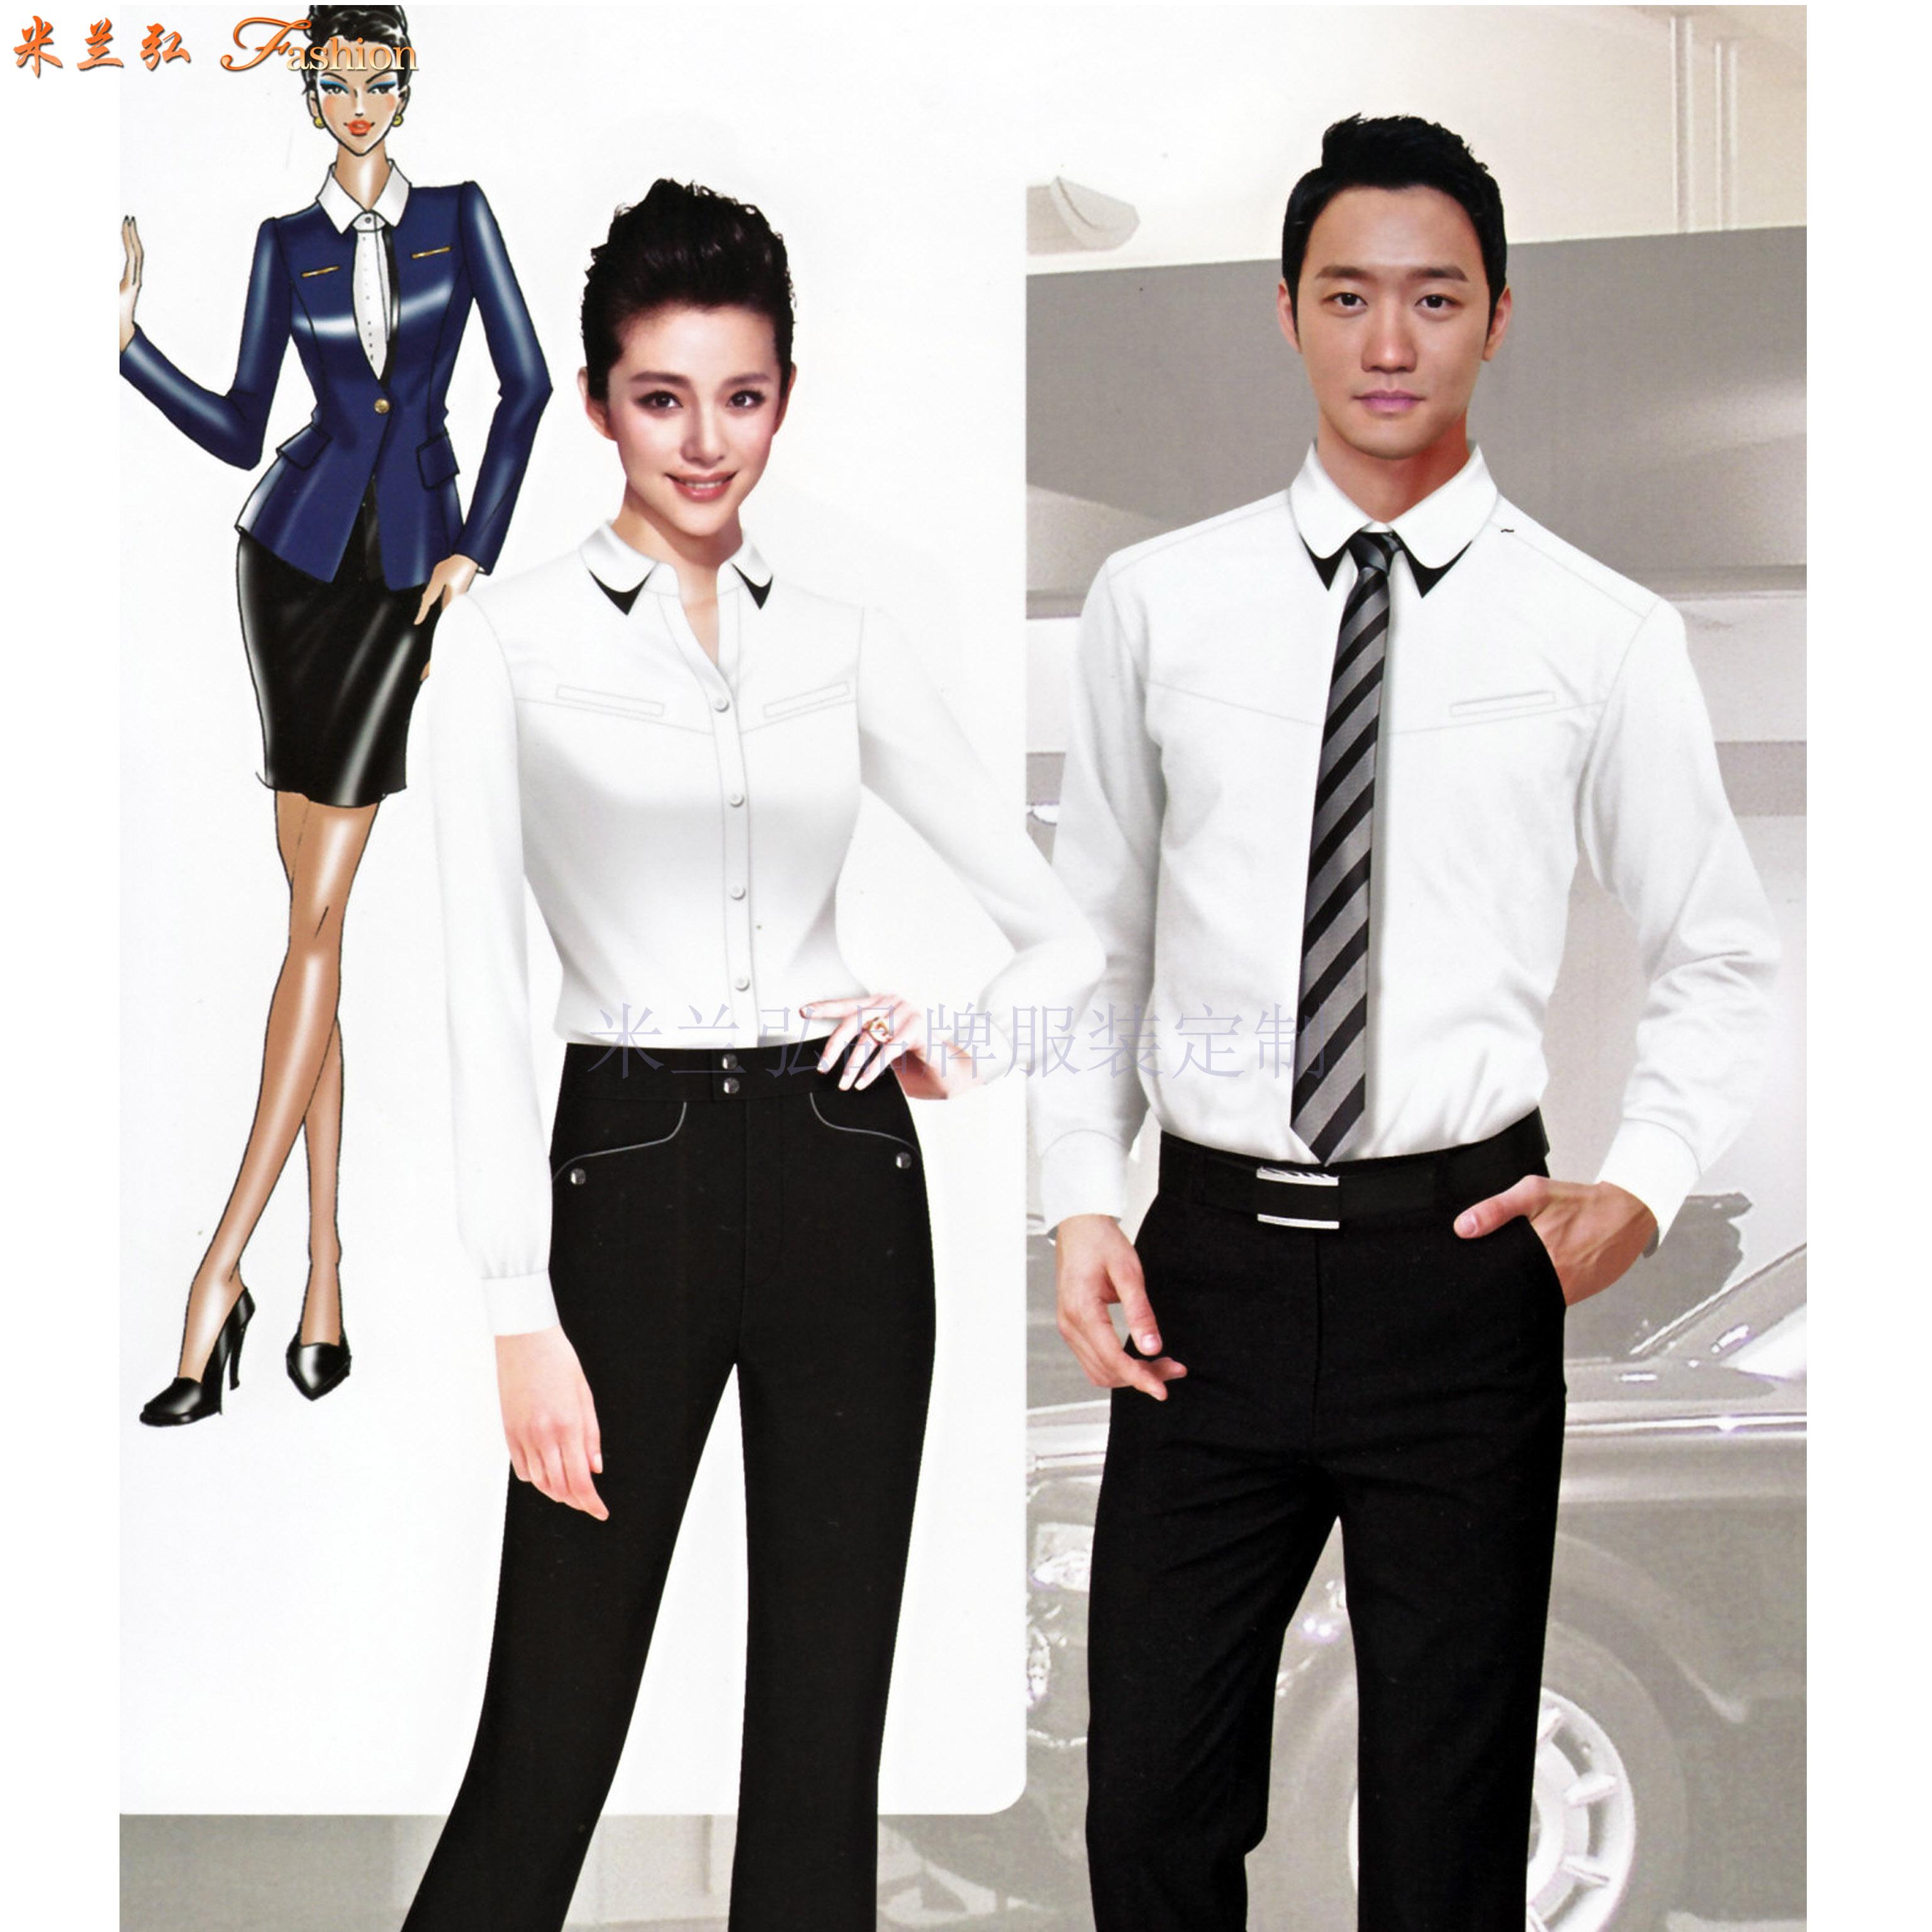 「衬衫定制」图片_价格_方法_面料_公司-米兰弘服装-1